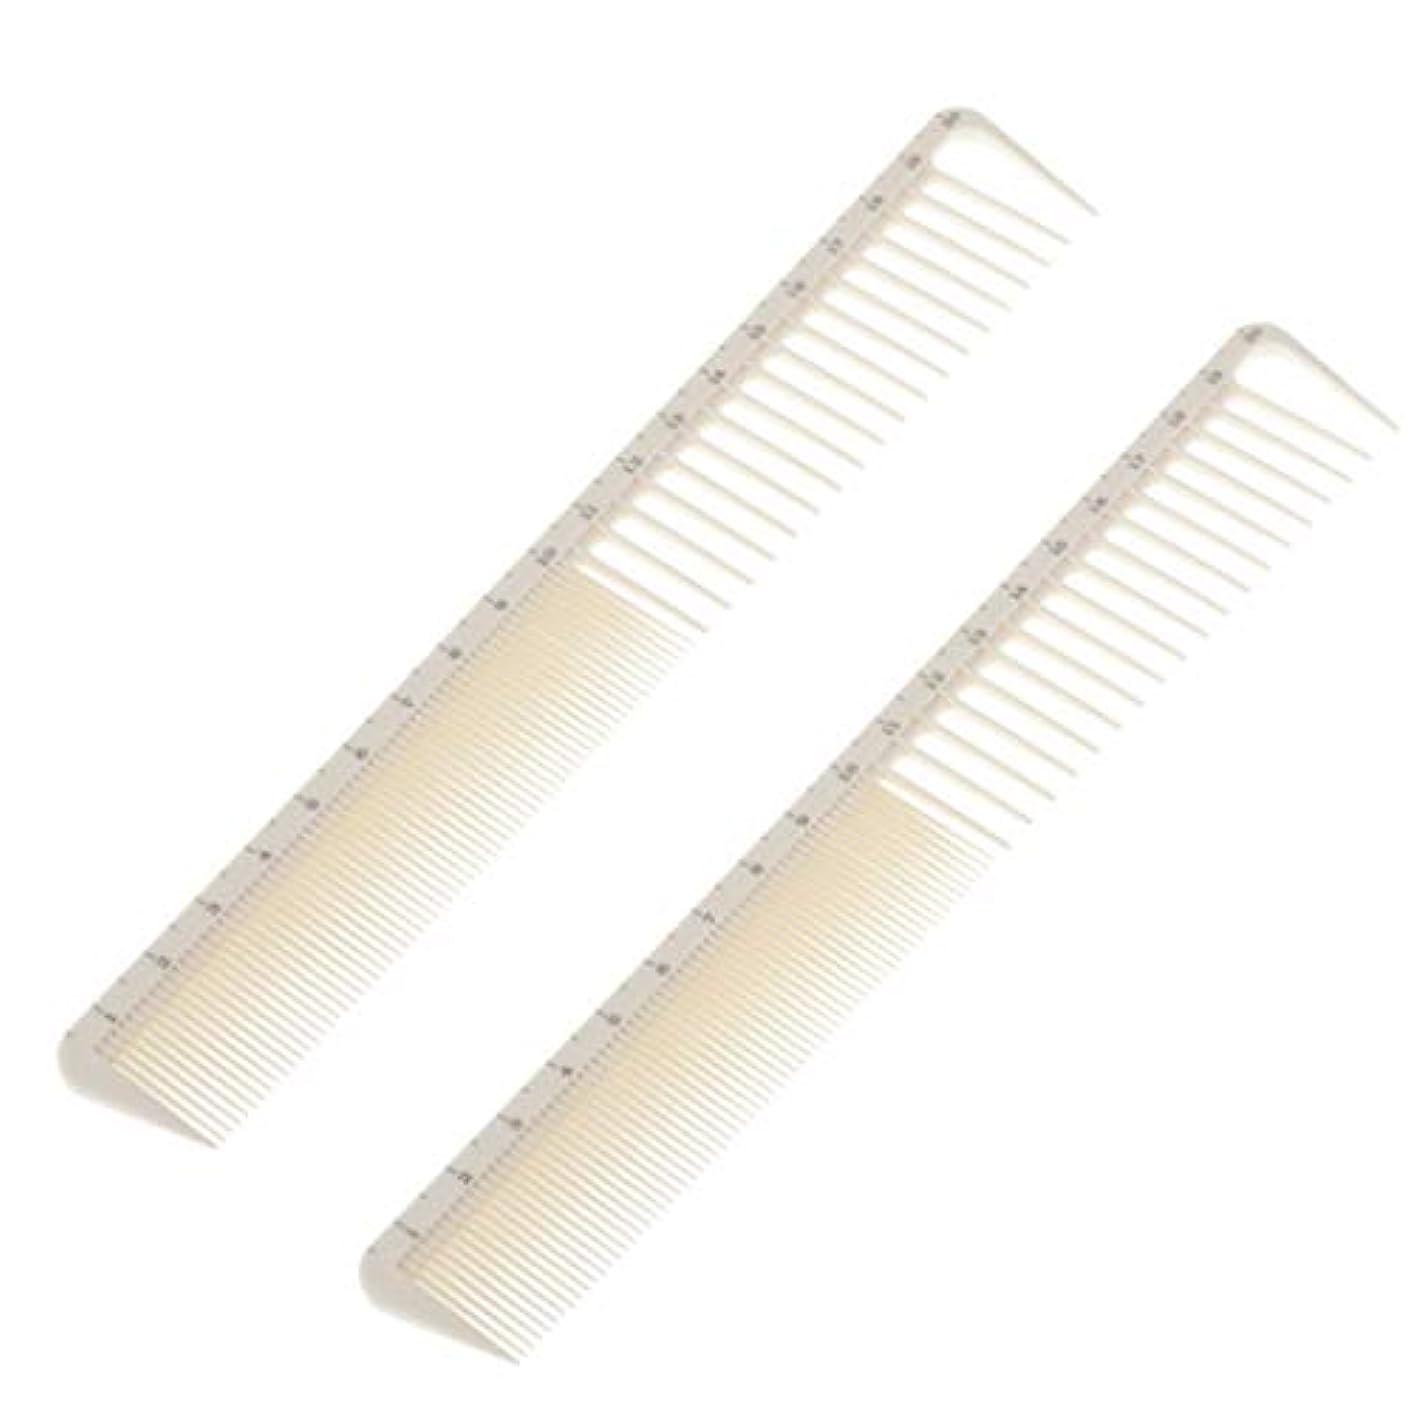 フォーマルバランス慣性ヘアコーム メンズ 散髪コーム カットコーム 髪くし 櫛 静電気防止 スケール付き 弾力性 耐久性 2個入り